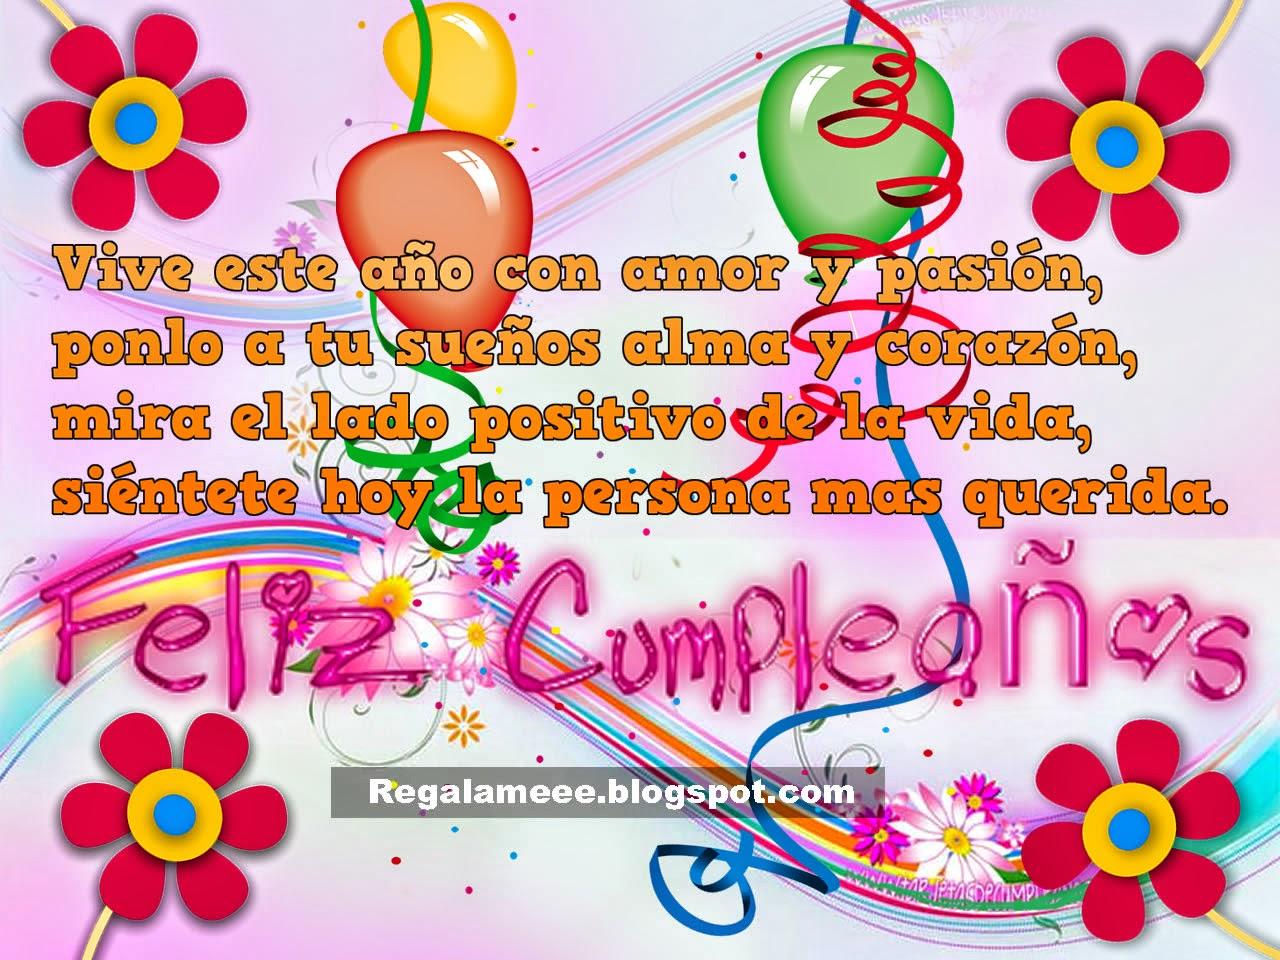 Imagenes Con Frases De Cumpleaños Para Compartir En Facebook